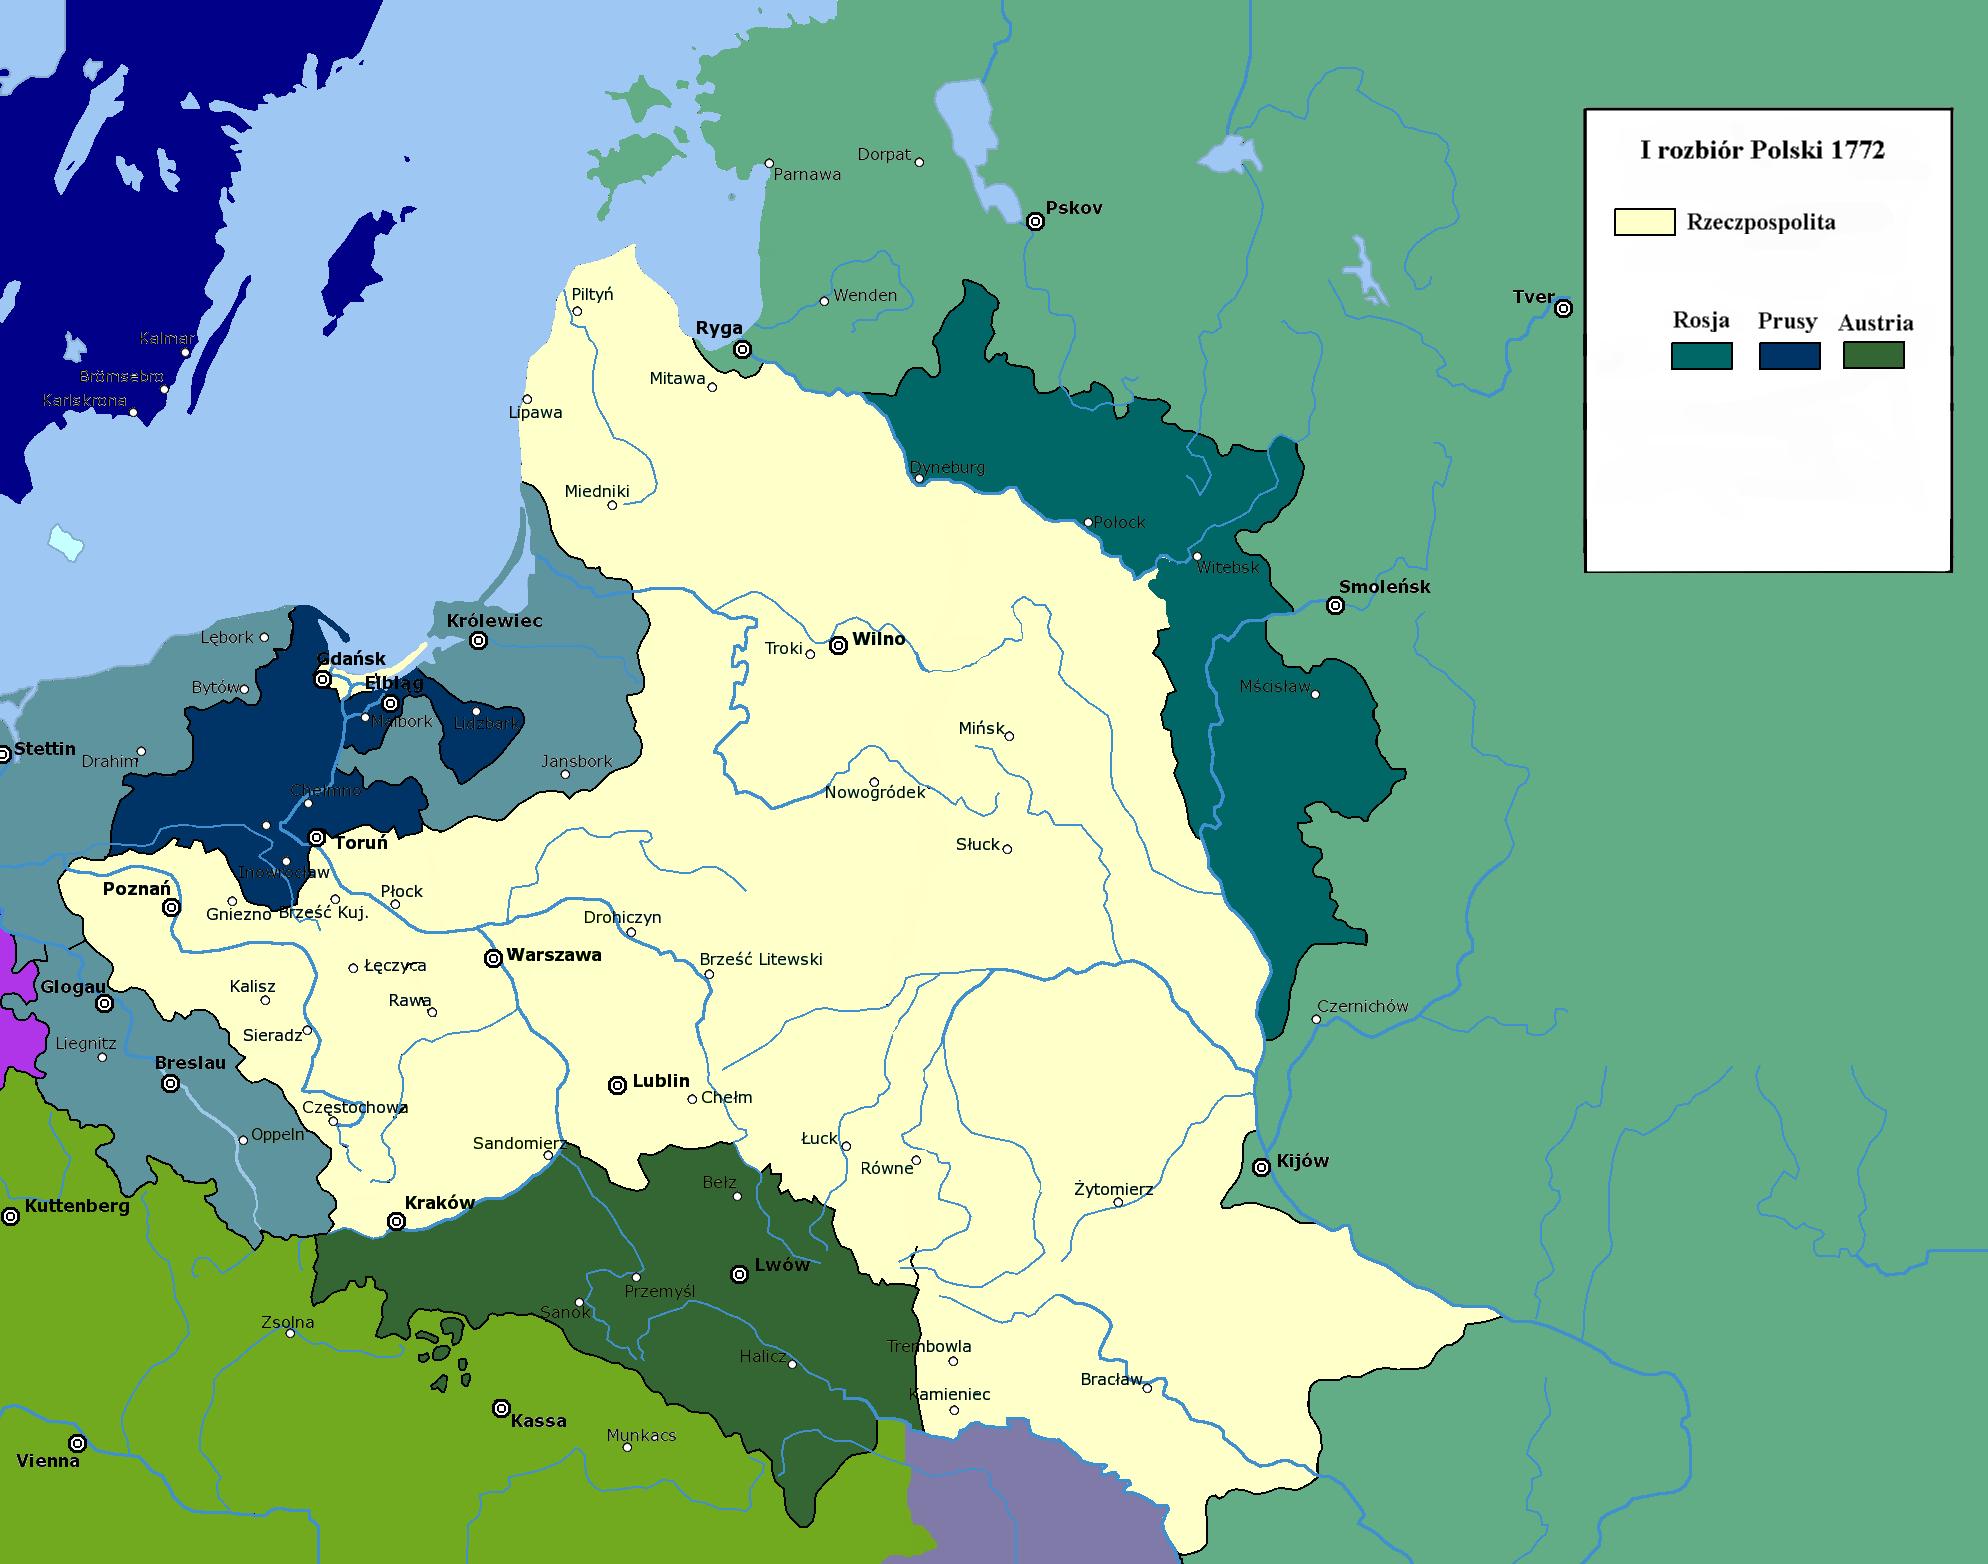 Ziemie zabrane przez trzy mocarstwa w I rozbiorze Polski